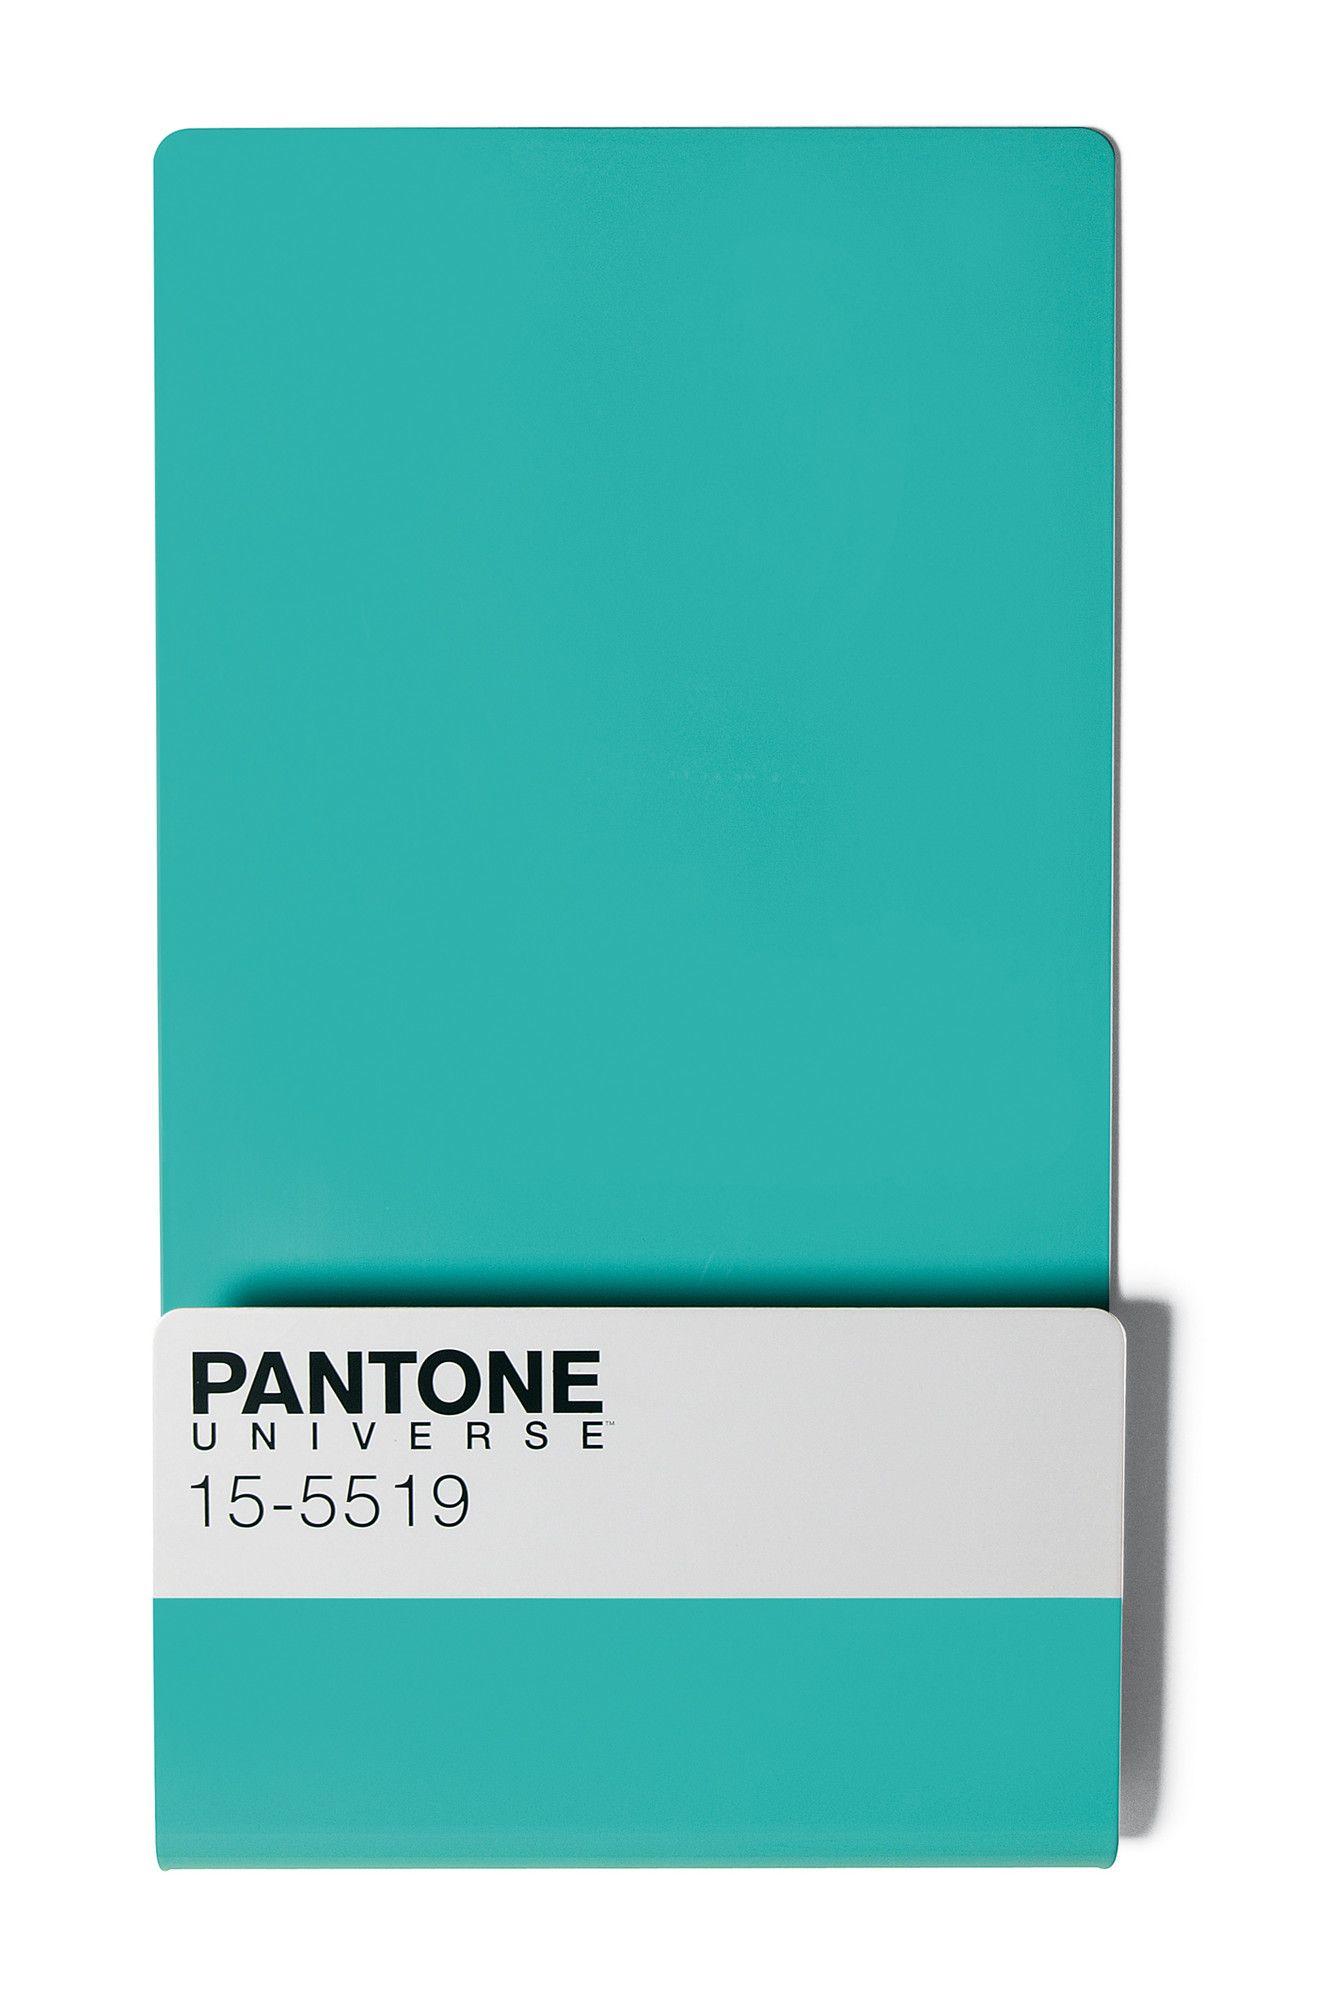 Pantone 3262 c – Artofit